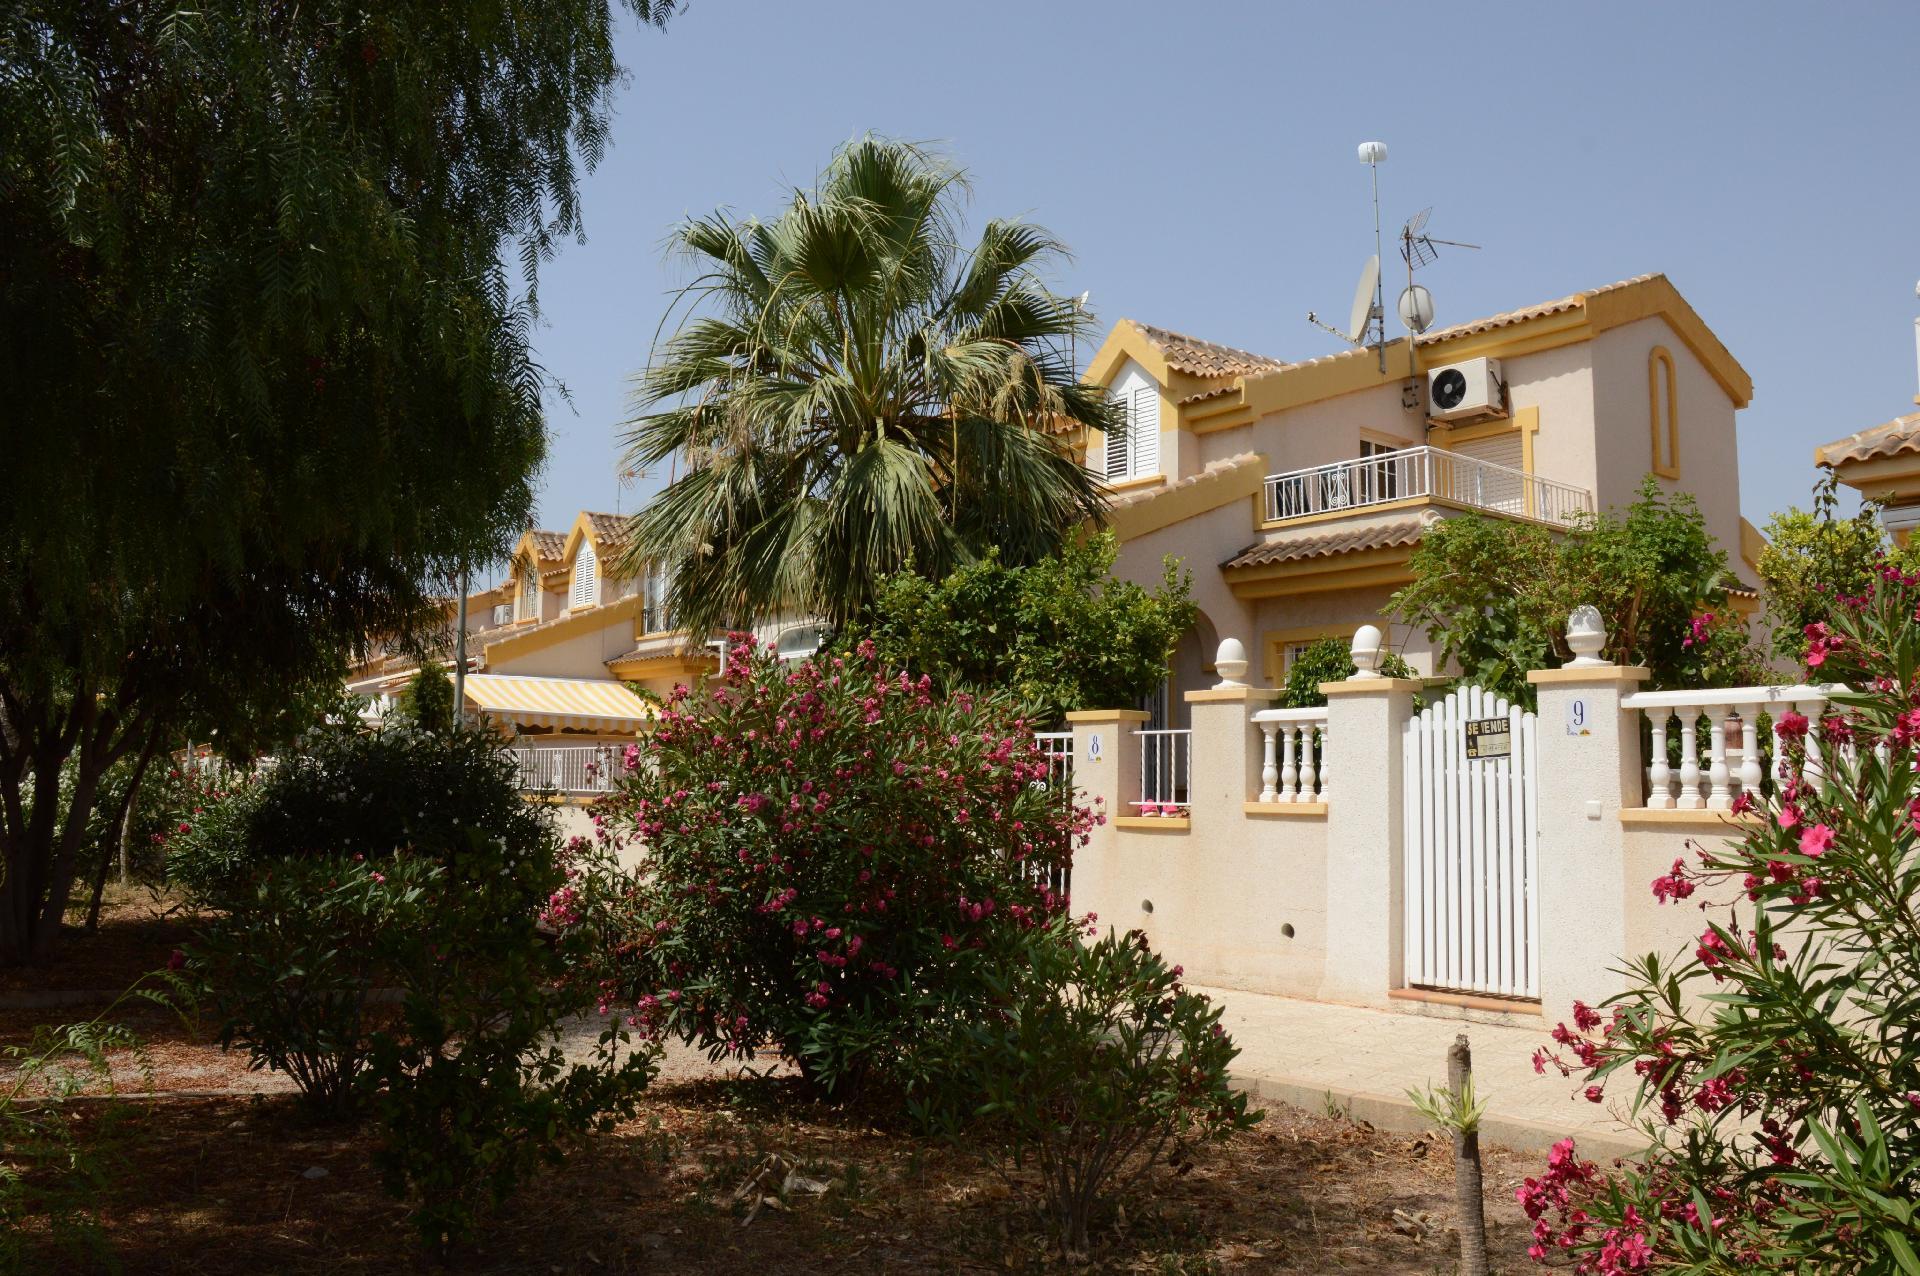 Ferienhaus für 6 Personen ca. 88 m² in L